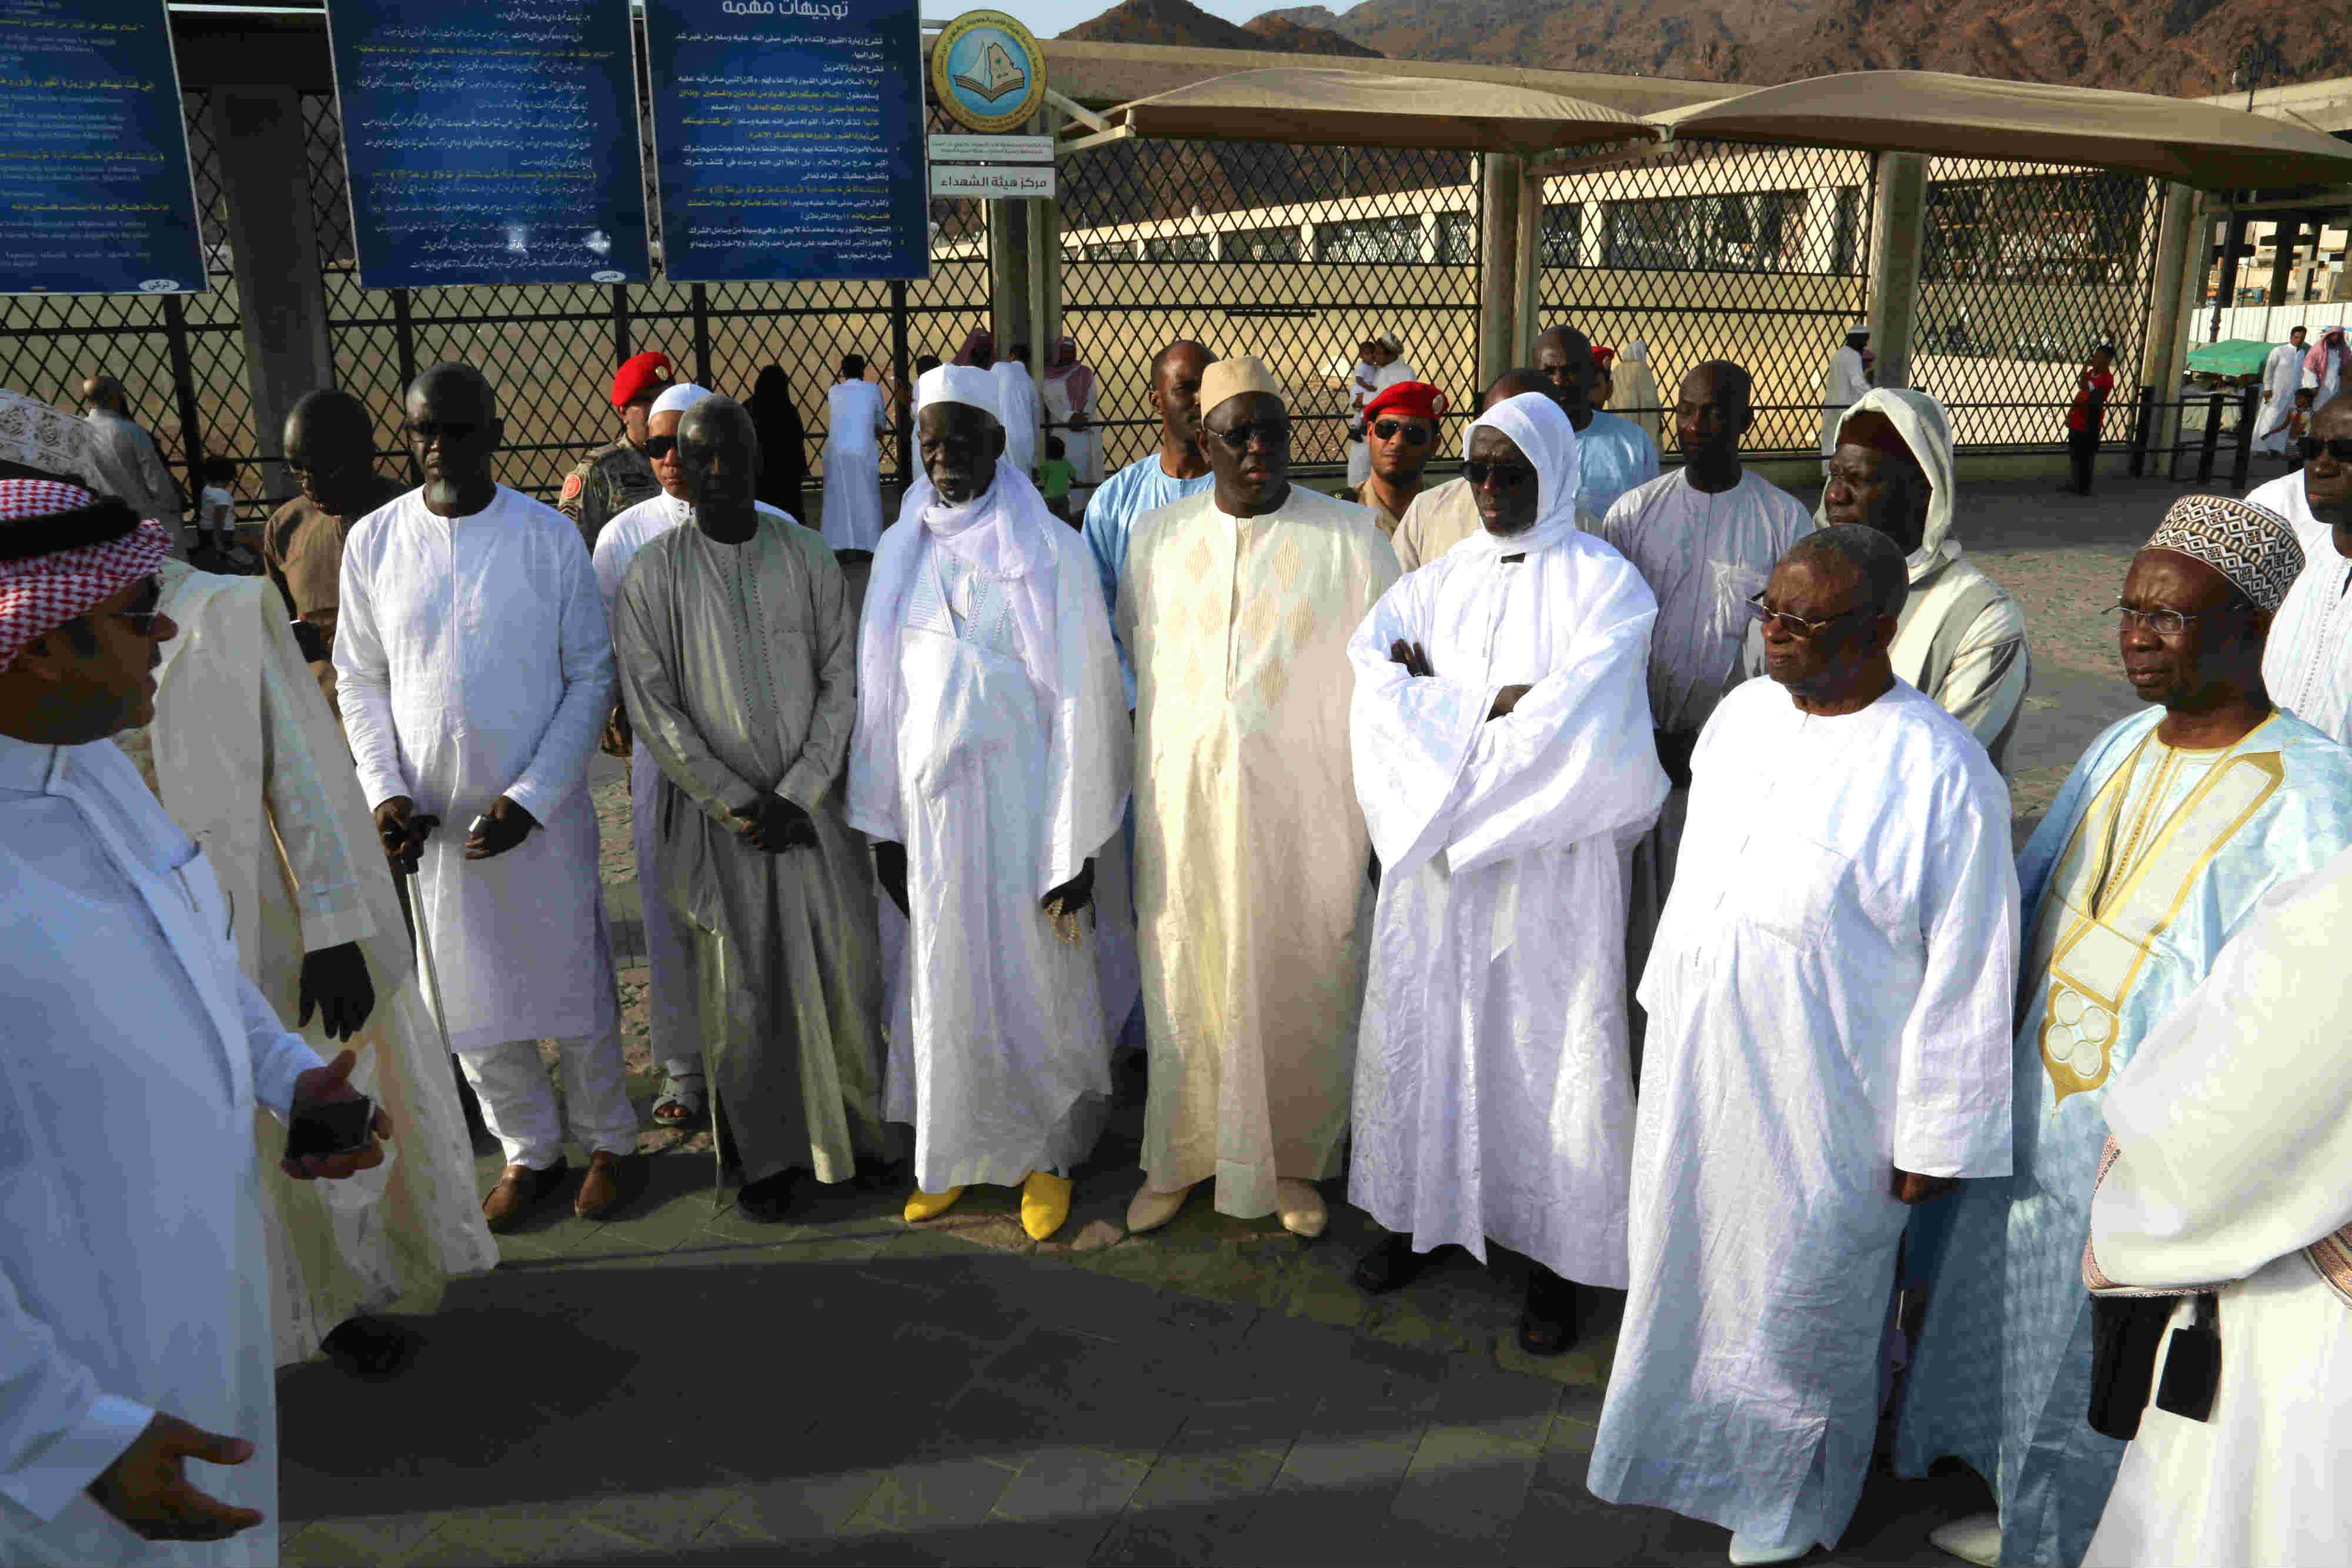 Macky Sall sur les monts sacrés d'Uhut et Quba, en compagnie de dignitaires religieux